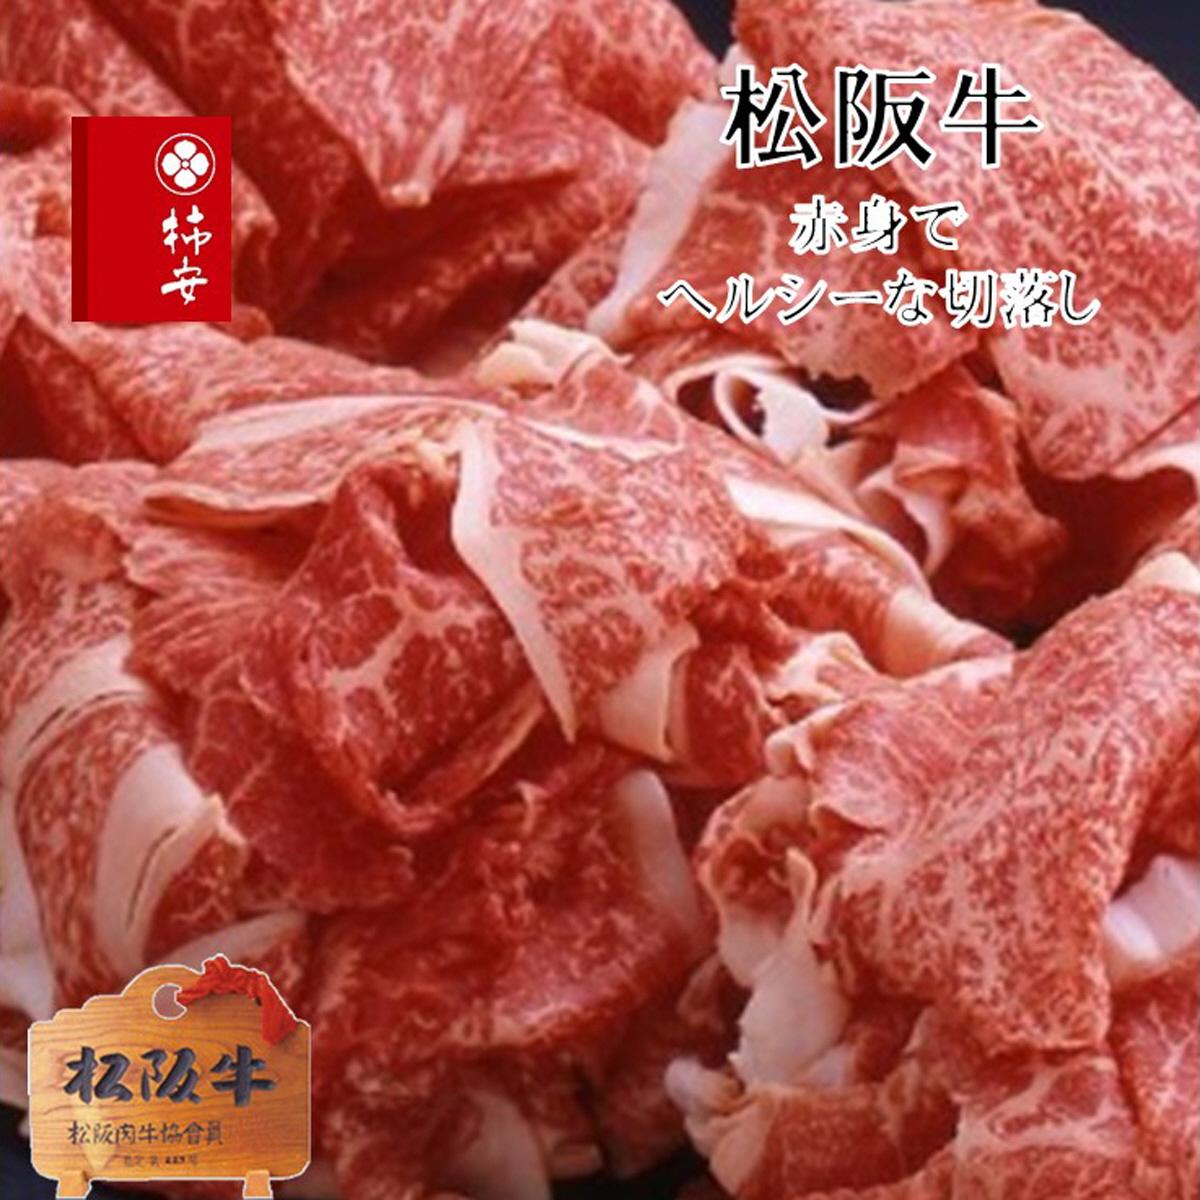 【ふるさと納税】 柿安本店 松阪牛切りおとし750g